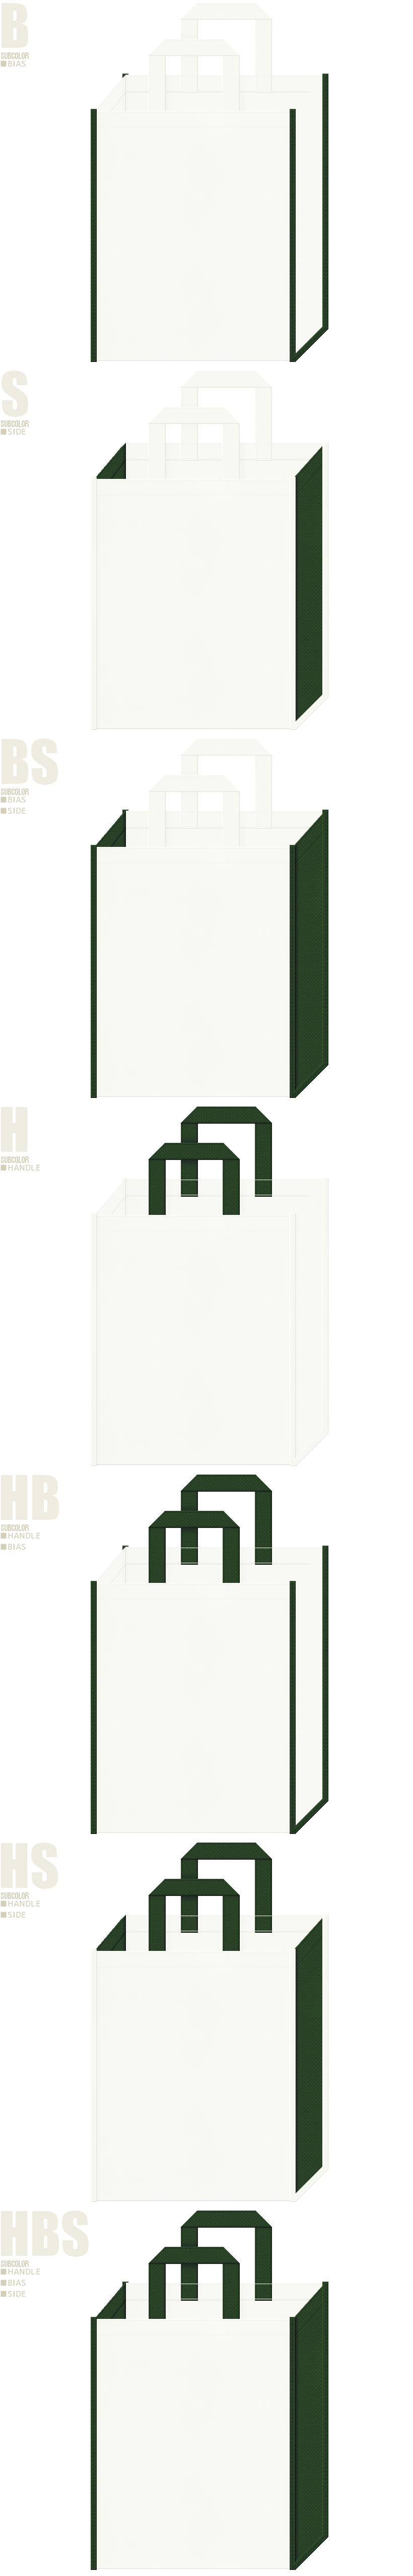 学校・学園・オープンキャンパス・薬局・救急用品・医療施設・医薬品・バイオ・安全用品・レトロ・アンティークな展示会用バッグにお奨めの不織布バッグデザイン:オフホワイト色と濃緑色の不織布バッグ配色7パターン